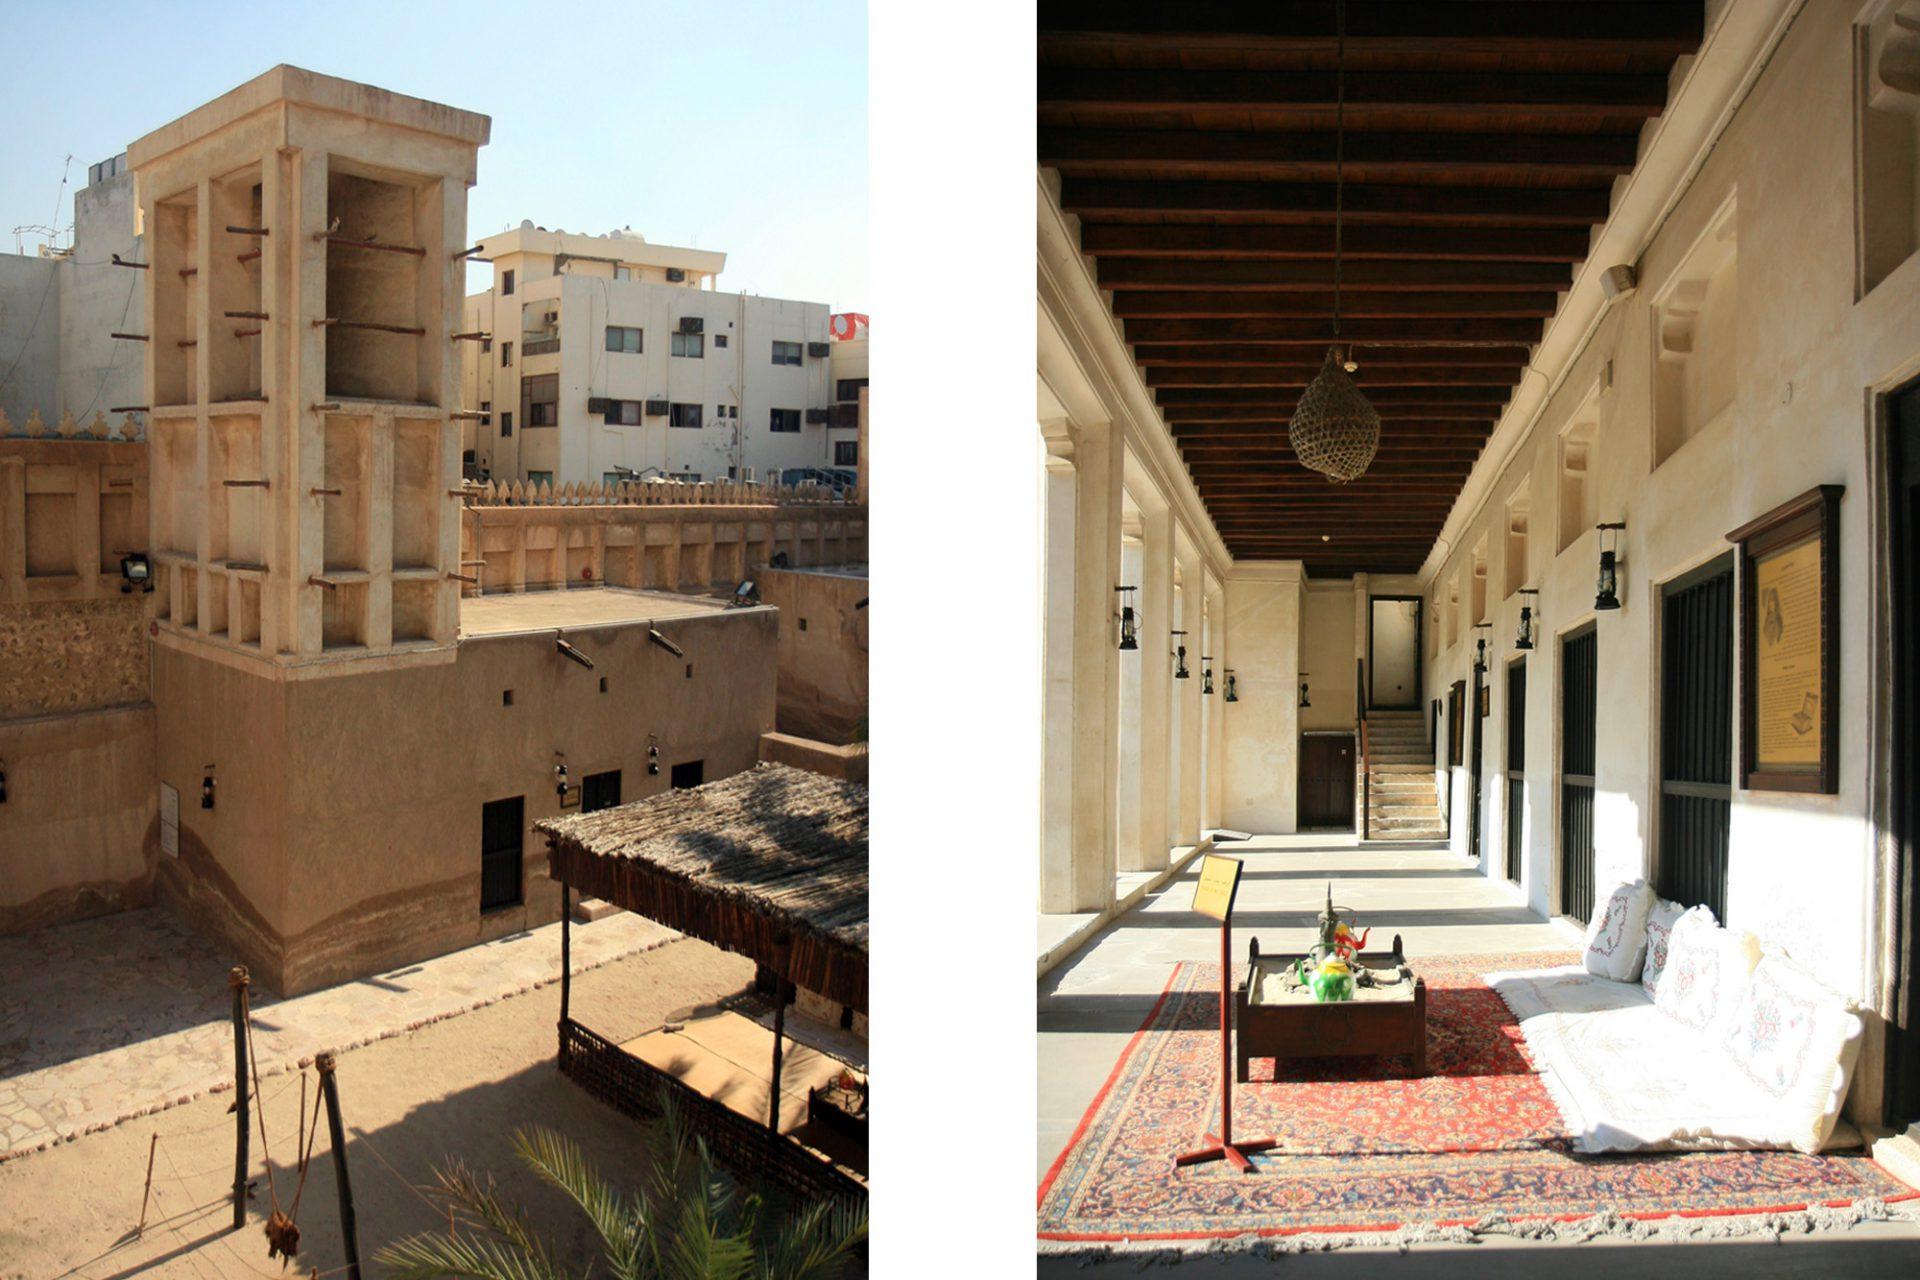 Heritage House. Das Wohnhaus des reichen Perlenhändlers, Sheikh Ahmed Bin Dalmouk, wurde um 1890 von einem Vorbesitzer errichtet und in den Folgejahren stetig erweitert. Erst ab 1935 im Besitz Ibrahim Al Said Abdullahs wurde es zu einem regionaltypischen Familienhaus umgestaltet. Verwendet wurden nur die feinsten Materialien. Dekorative Motive und künstlerische Elemente wurden hinzufügt. Nach aufwendigen Restaurierungen eröffnete die Anlage 2000 als